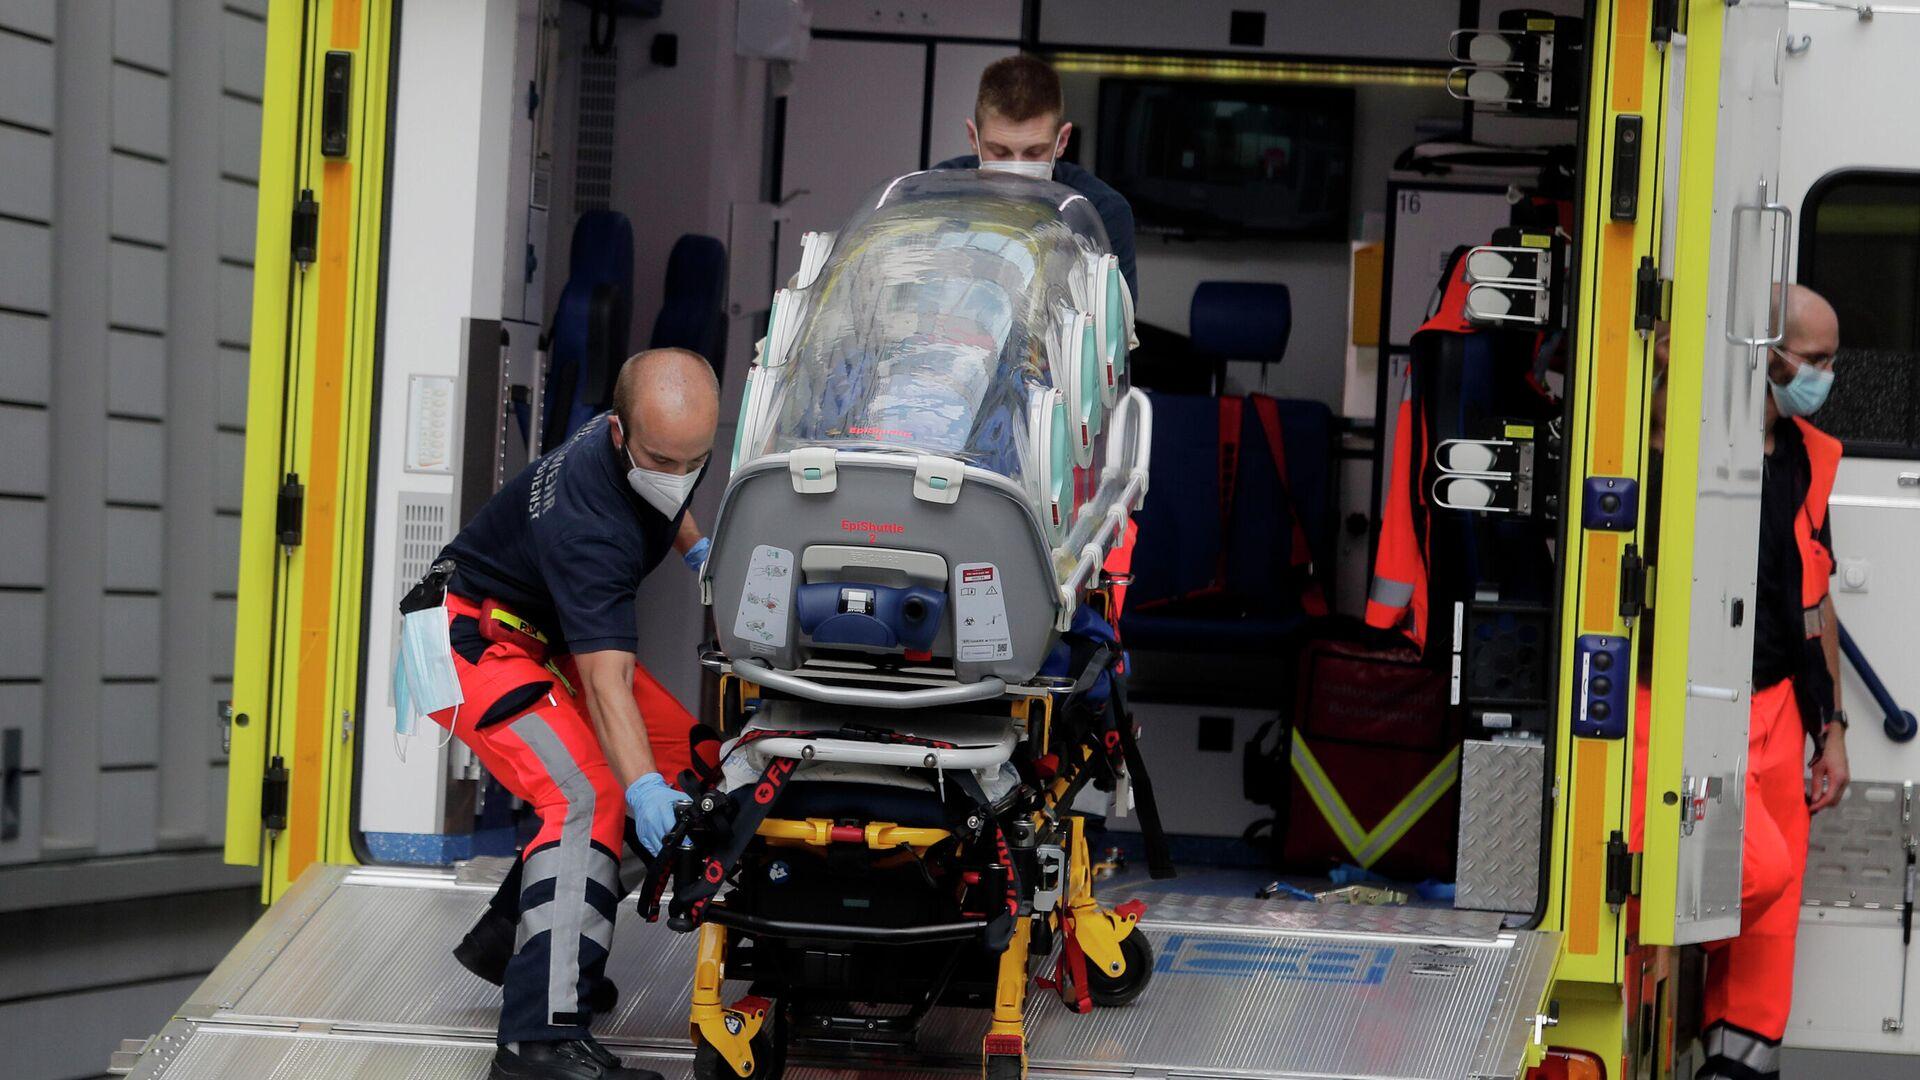 Экипаж скорой помощи, на котором предположительно был доставлен в клинику Шарите в Берлине Алексей Навальный - РИА Новости, 1920, 01.10.2020